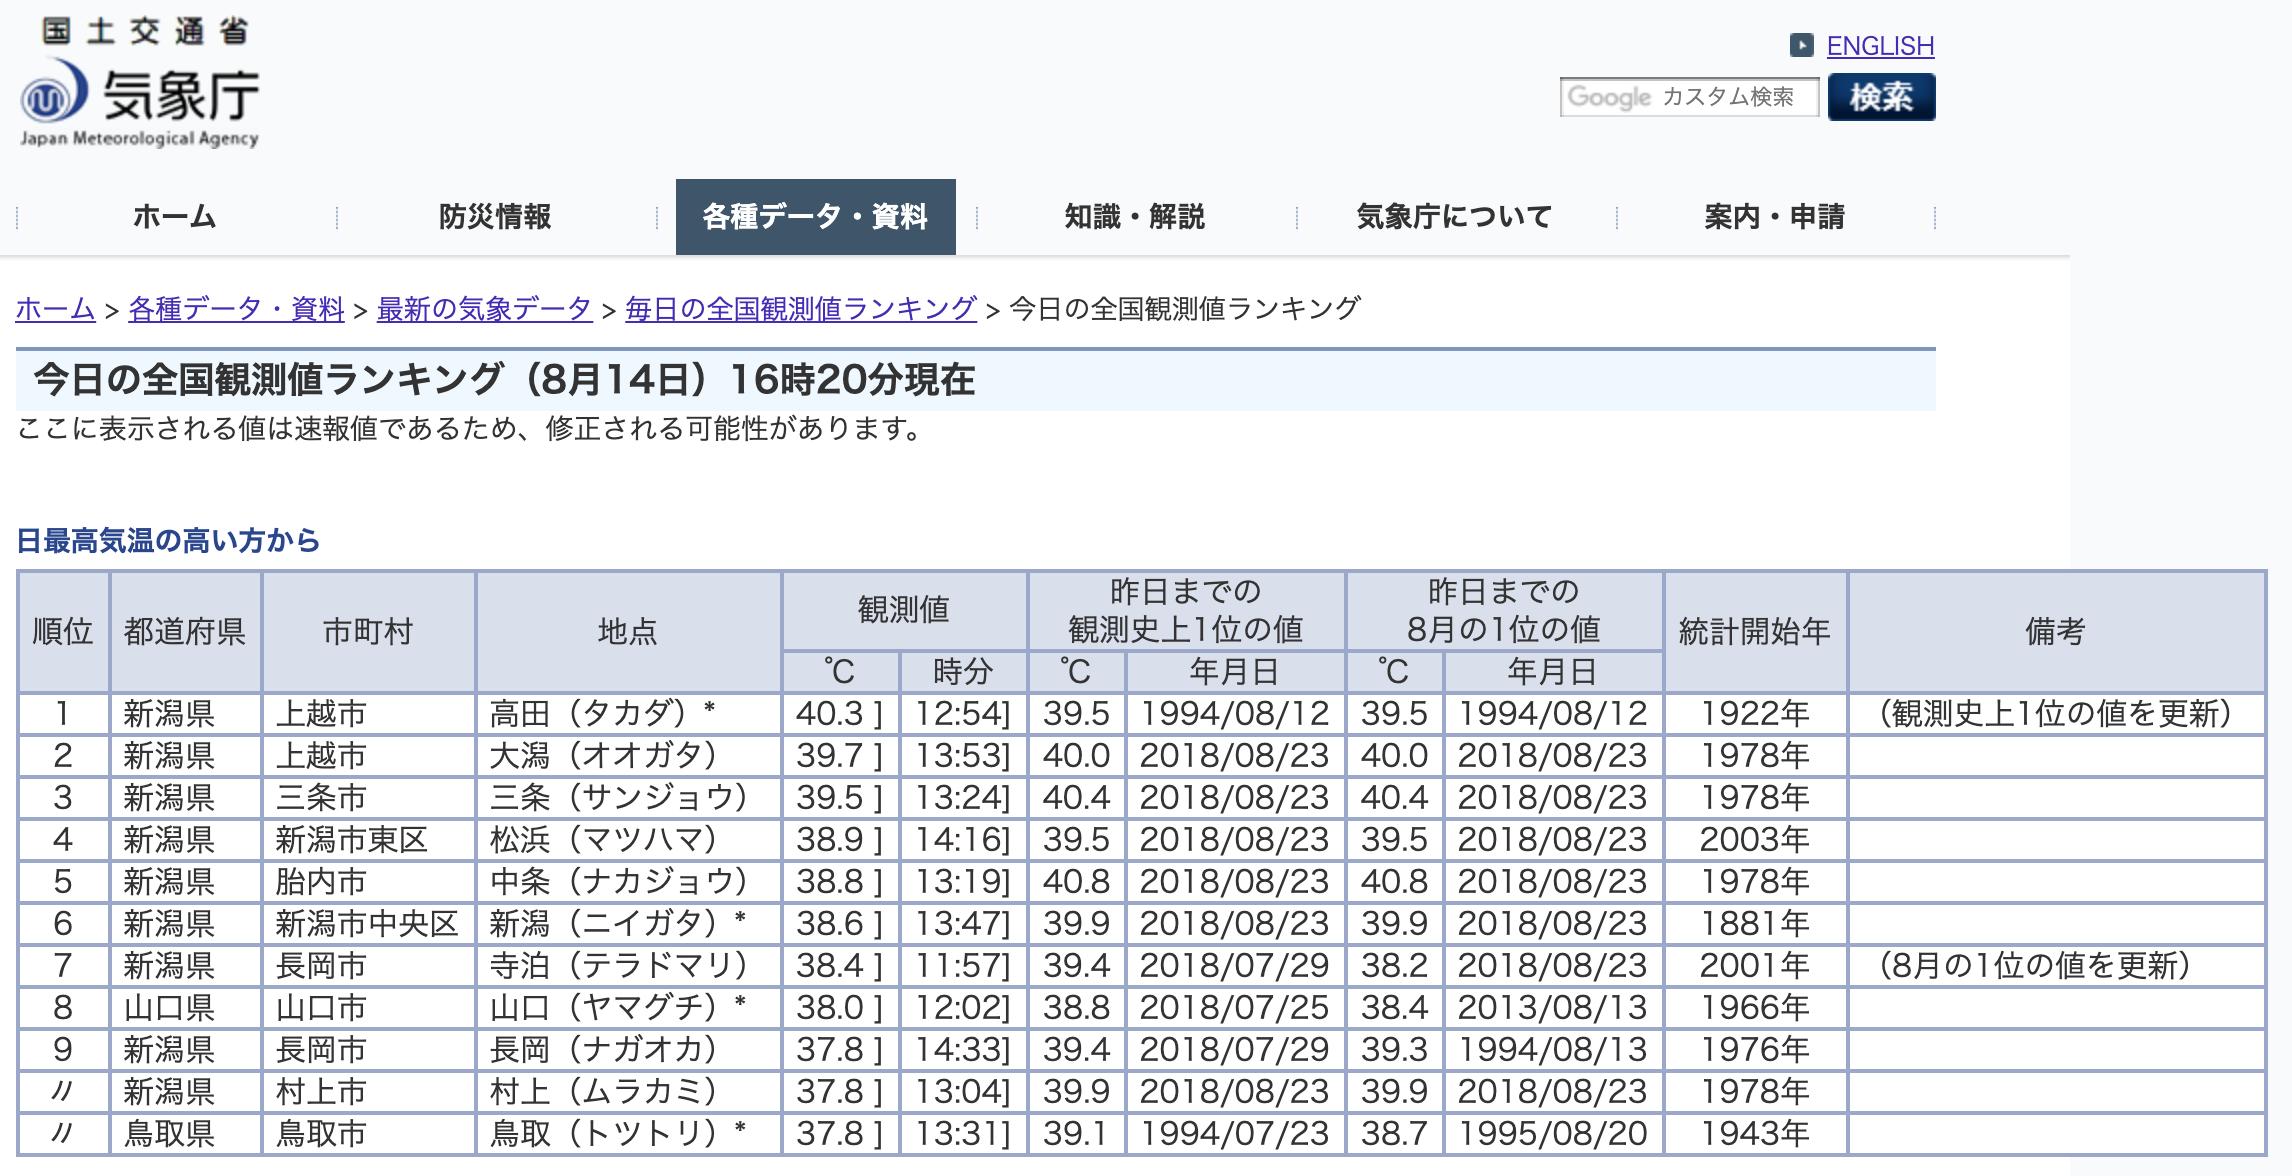 今日の全国観測値ランキング(8月14日)16時00分現在